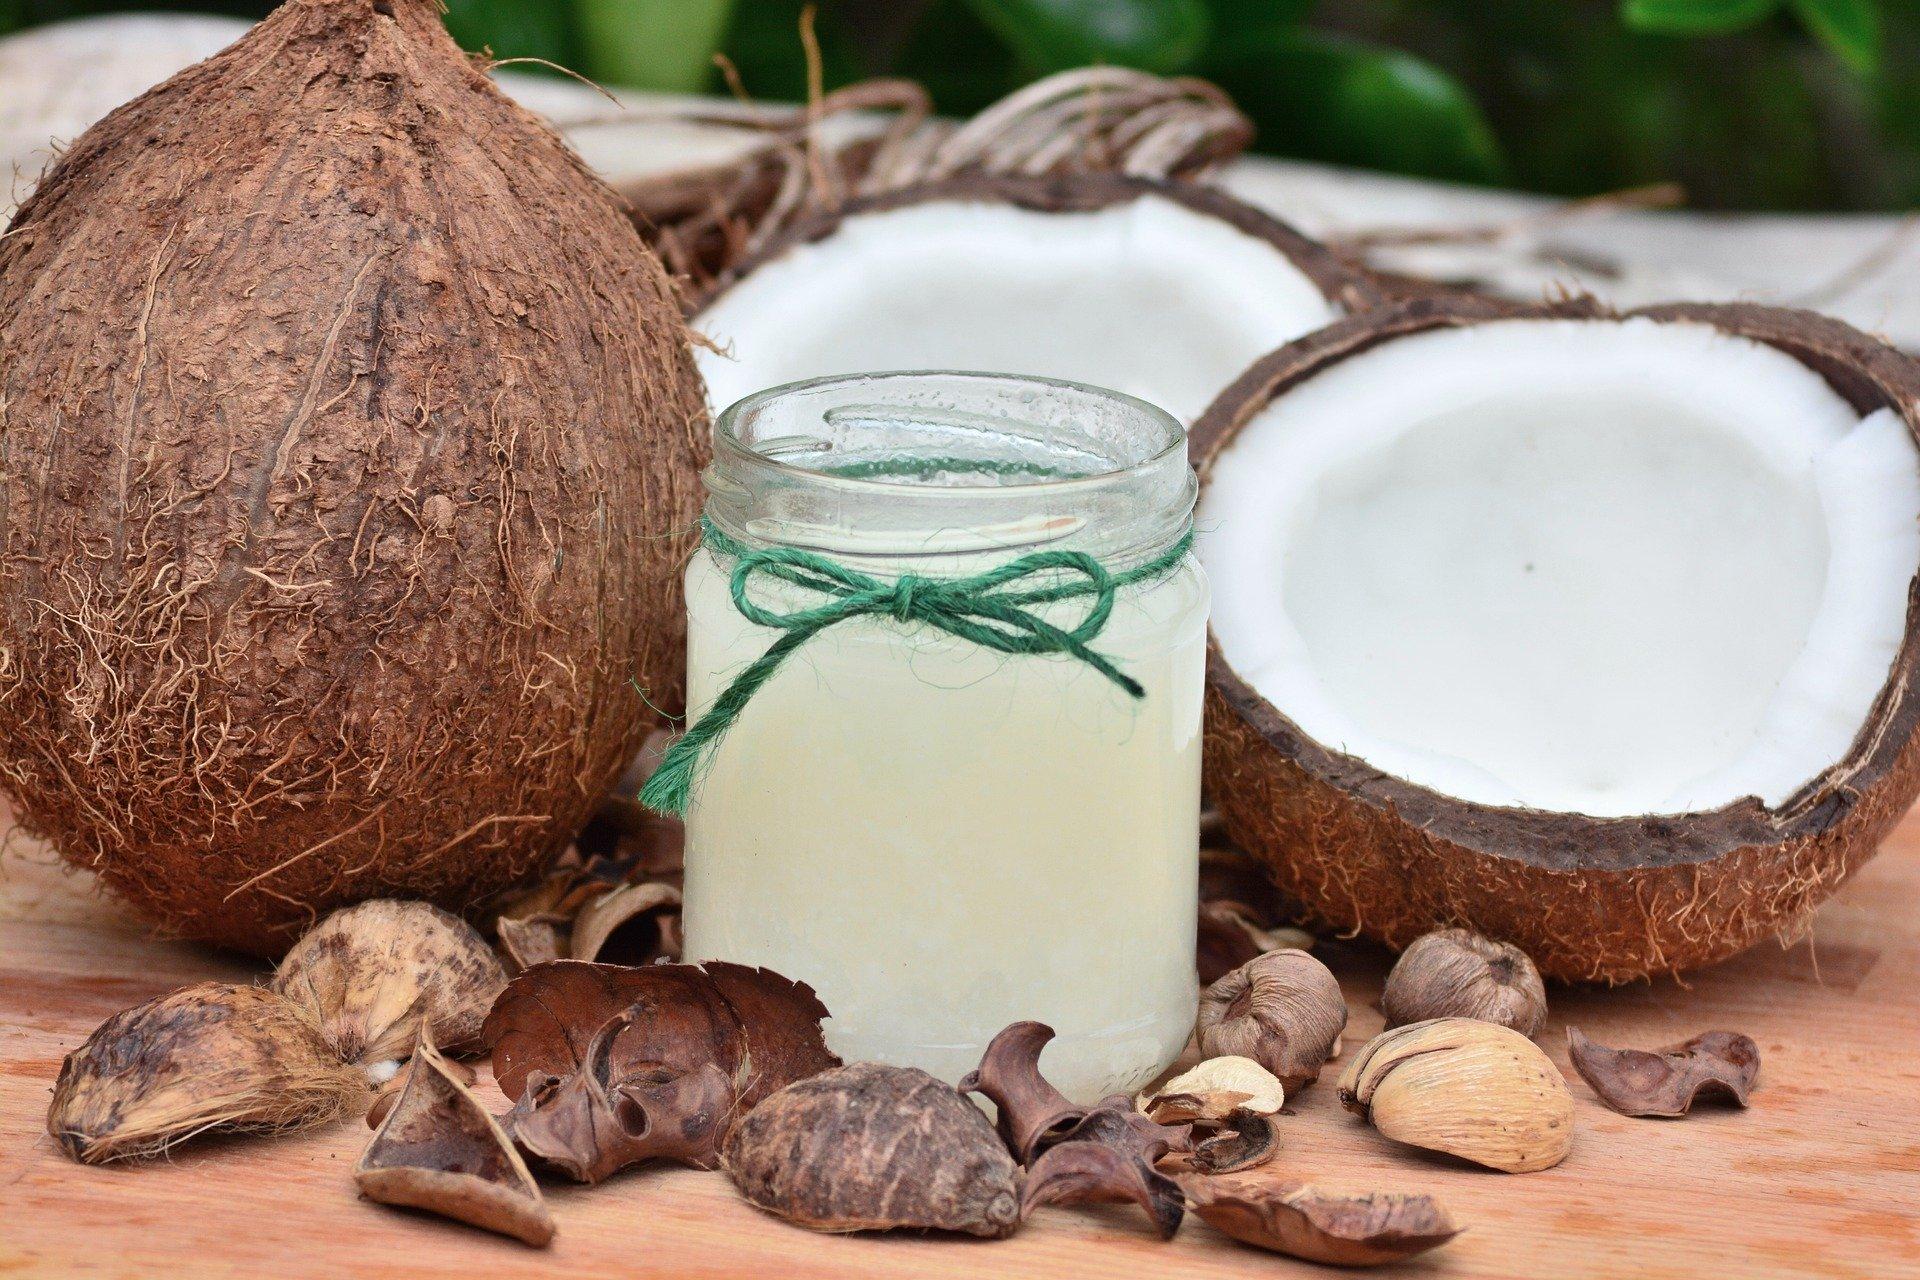 Кокосовое масло - настоящая кладезь красоты и здоровья!